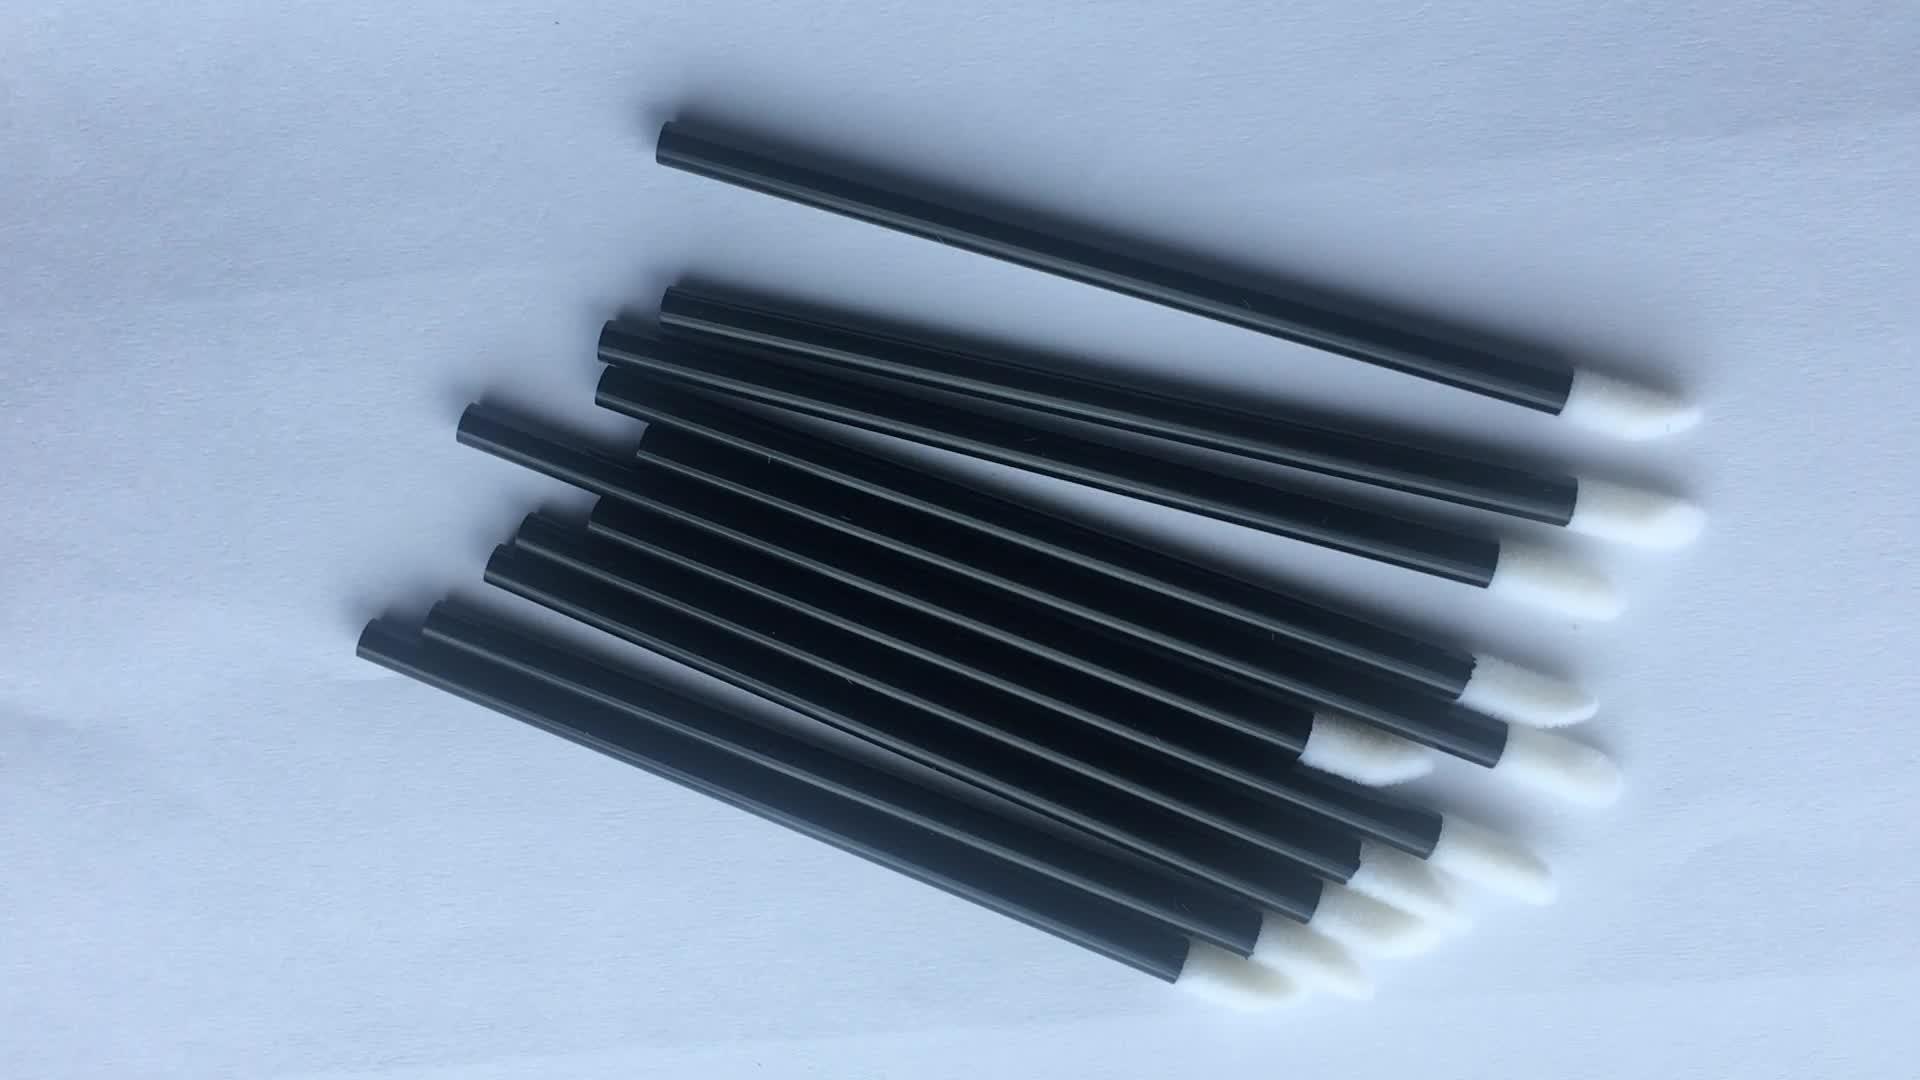 50 adet paketlenmiş Siyah Kolu Makyaj Dudak Fırçası Tek Kullanımlık Ruj Parlak Wands Aplikatör Mükemmel Makyaj Aracı